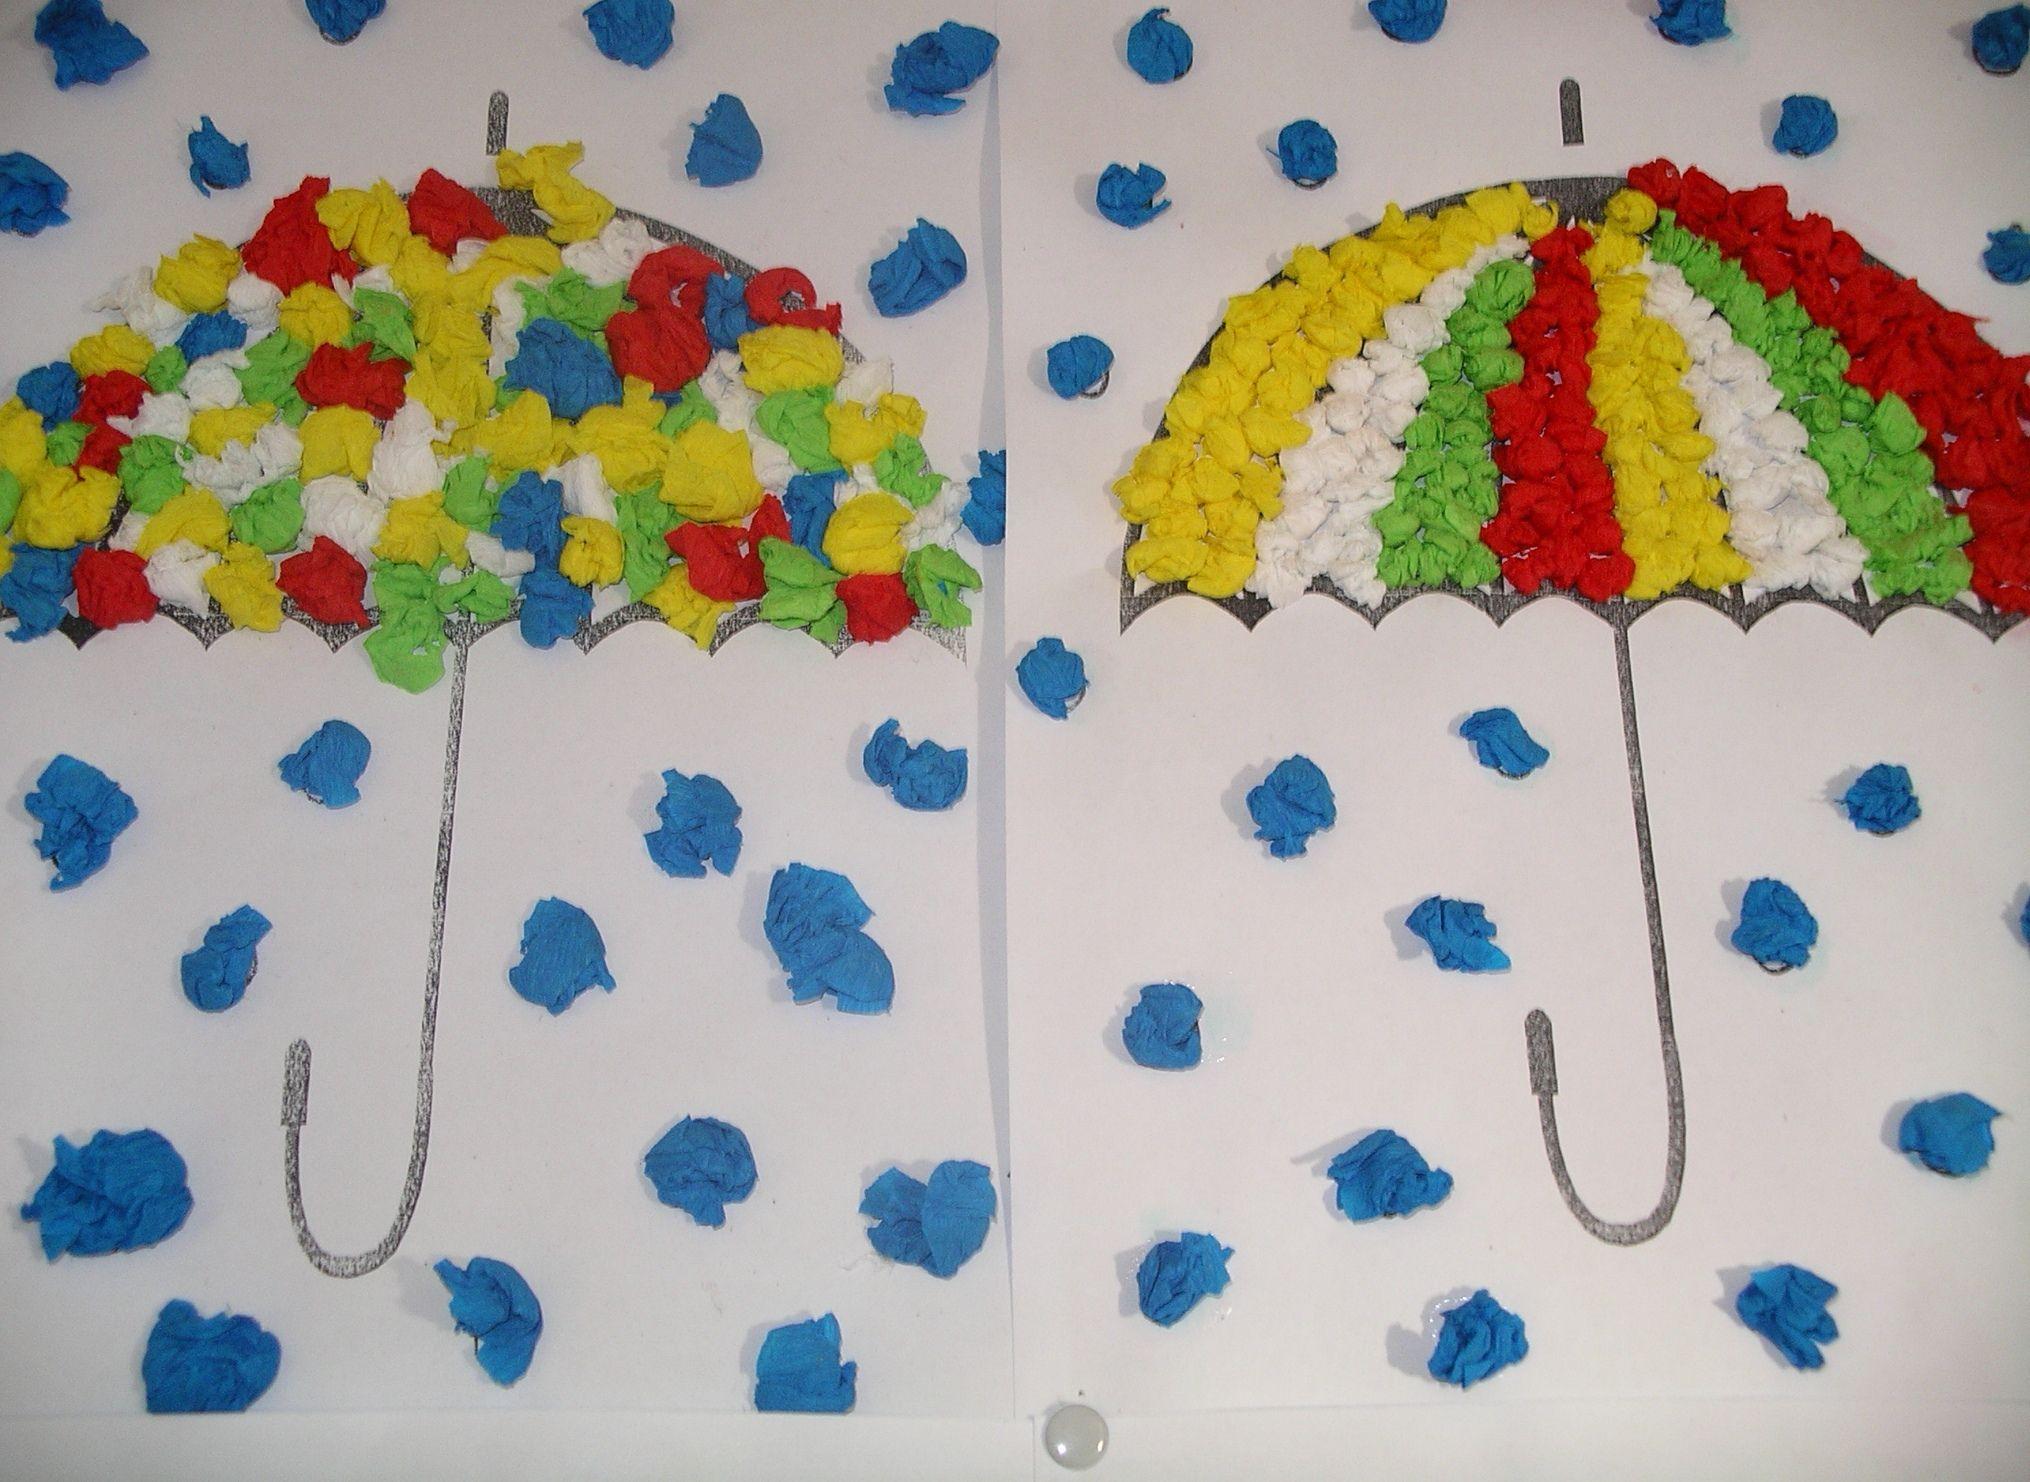 Rain And Umbrella Craft With Tissue Paper